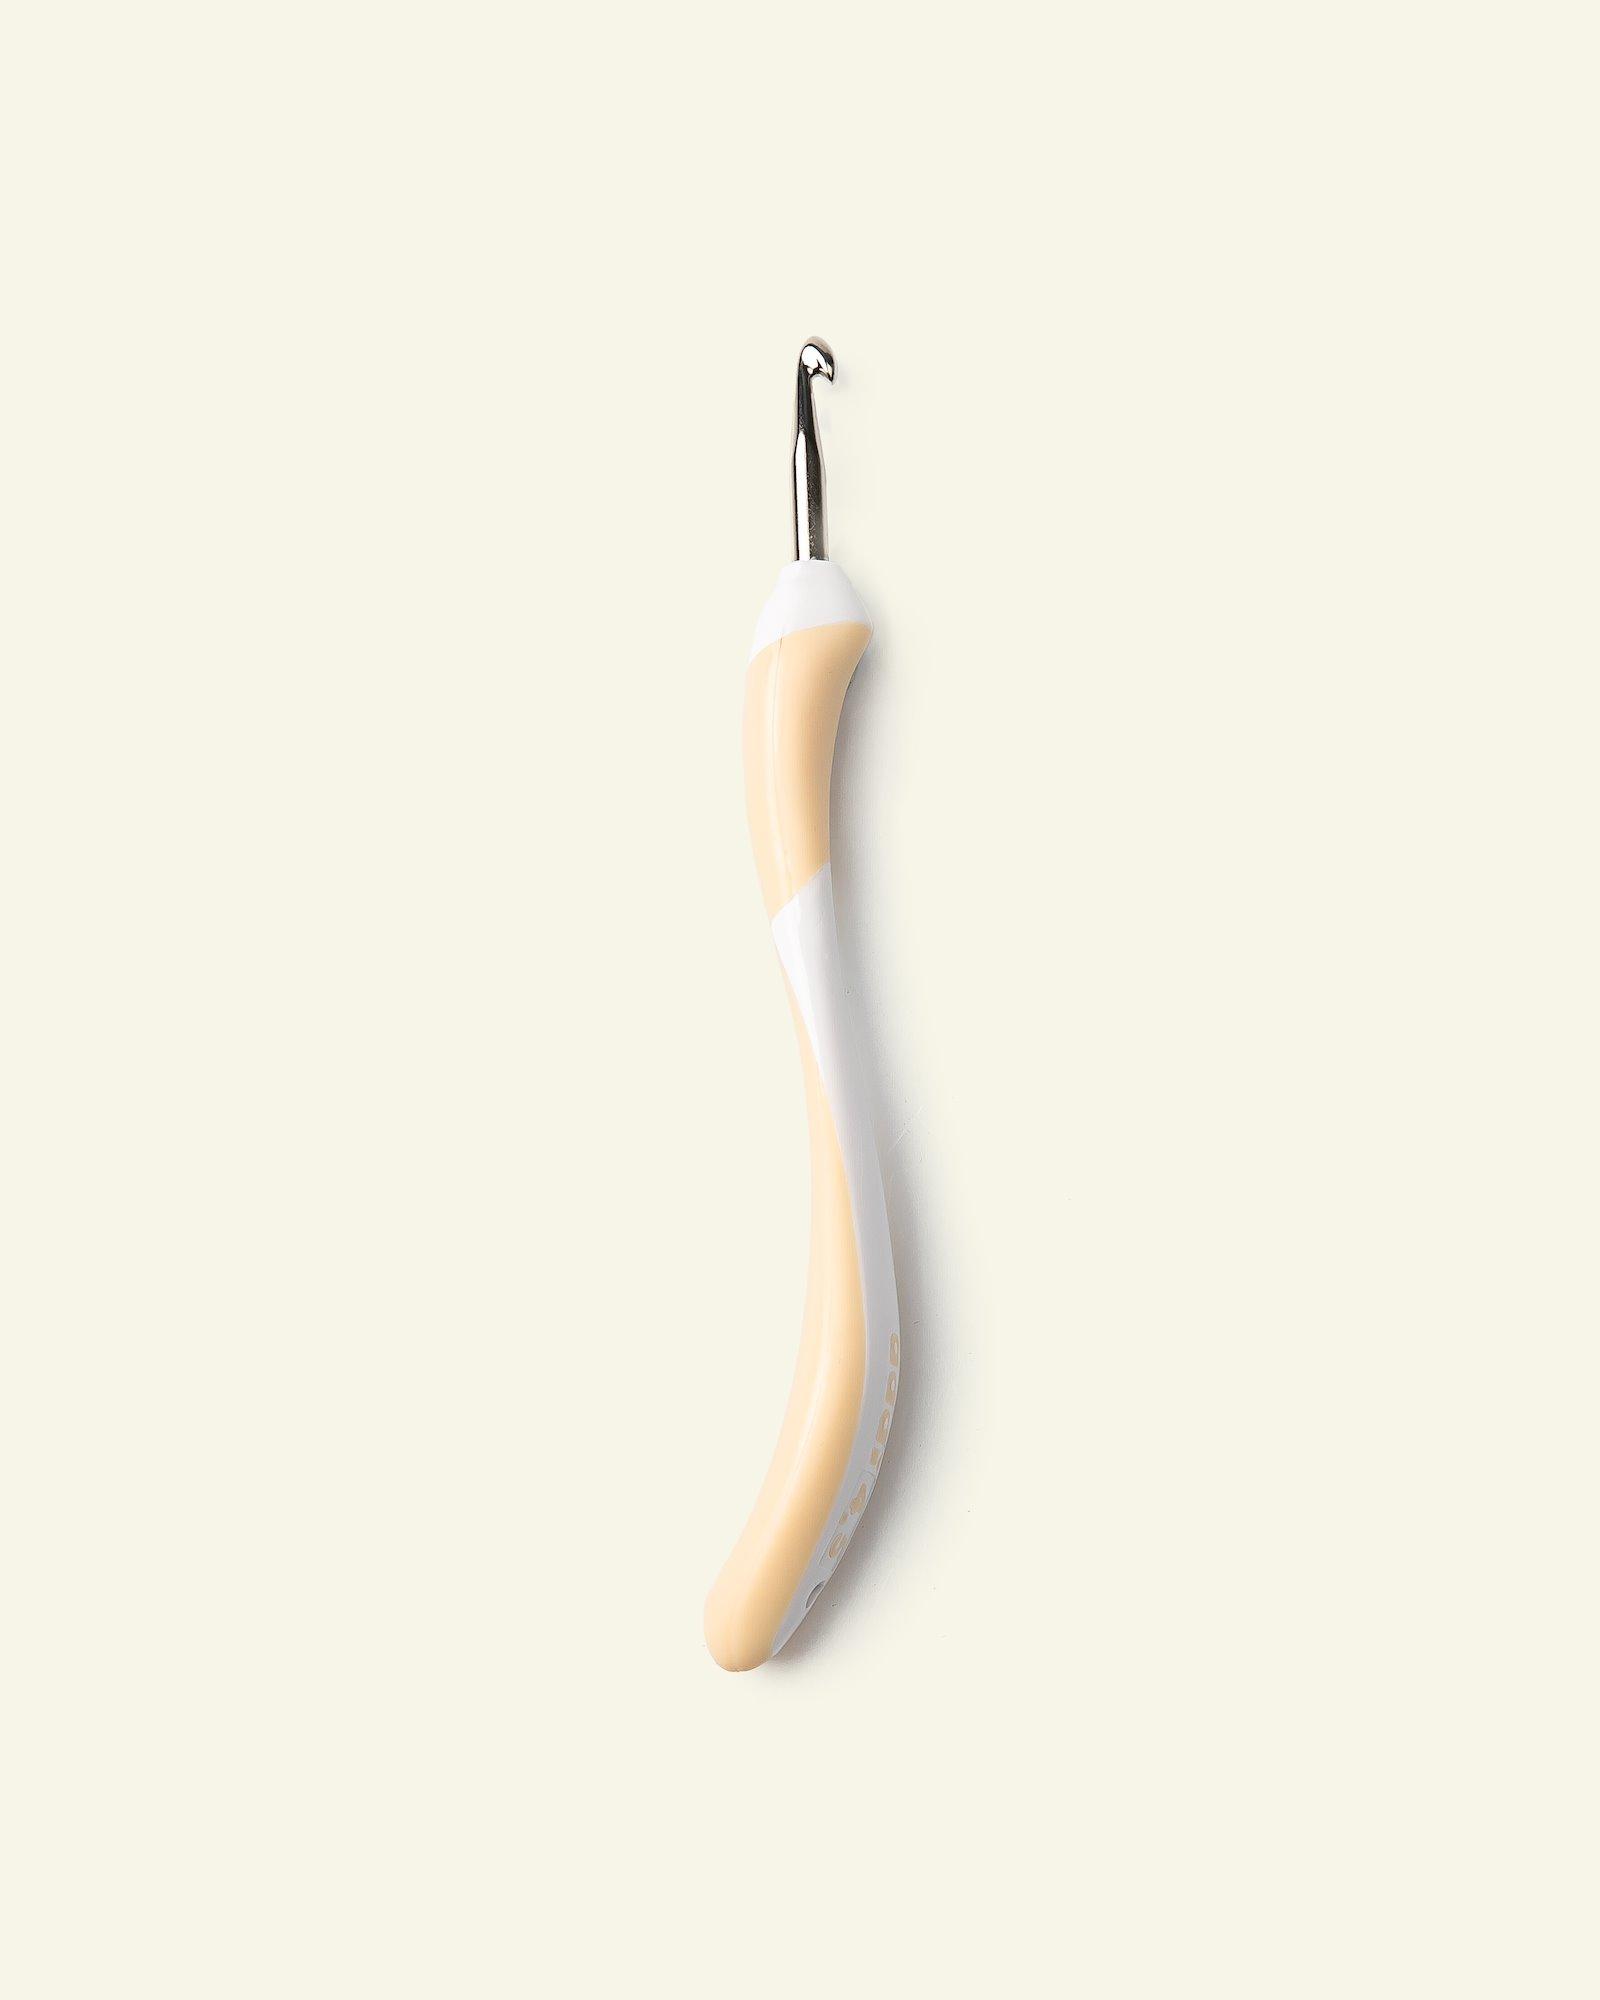 Addi Häkelnadel ergonomish 16cm 4,5mm